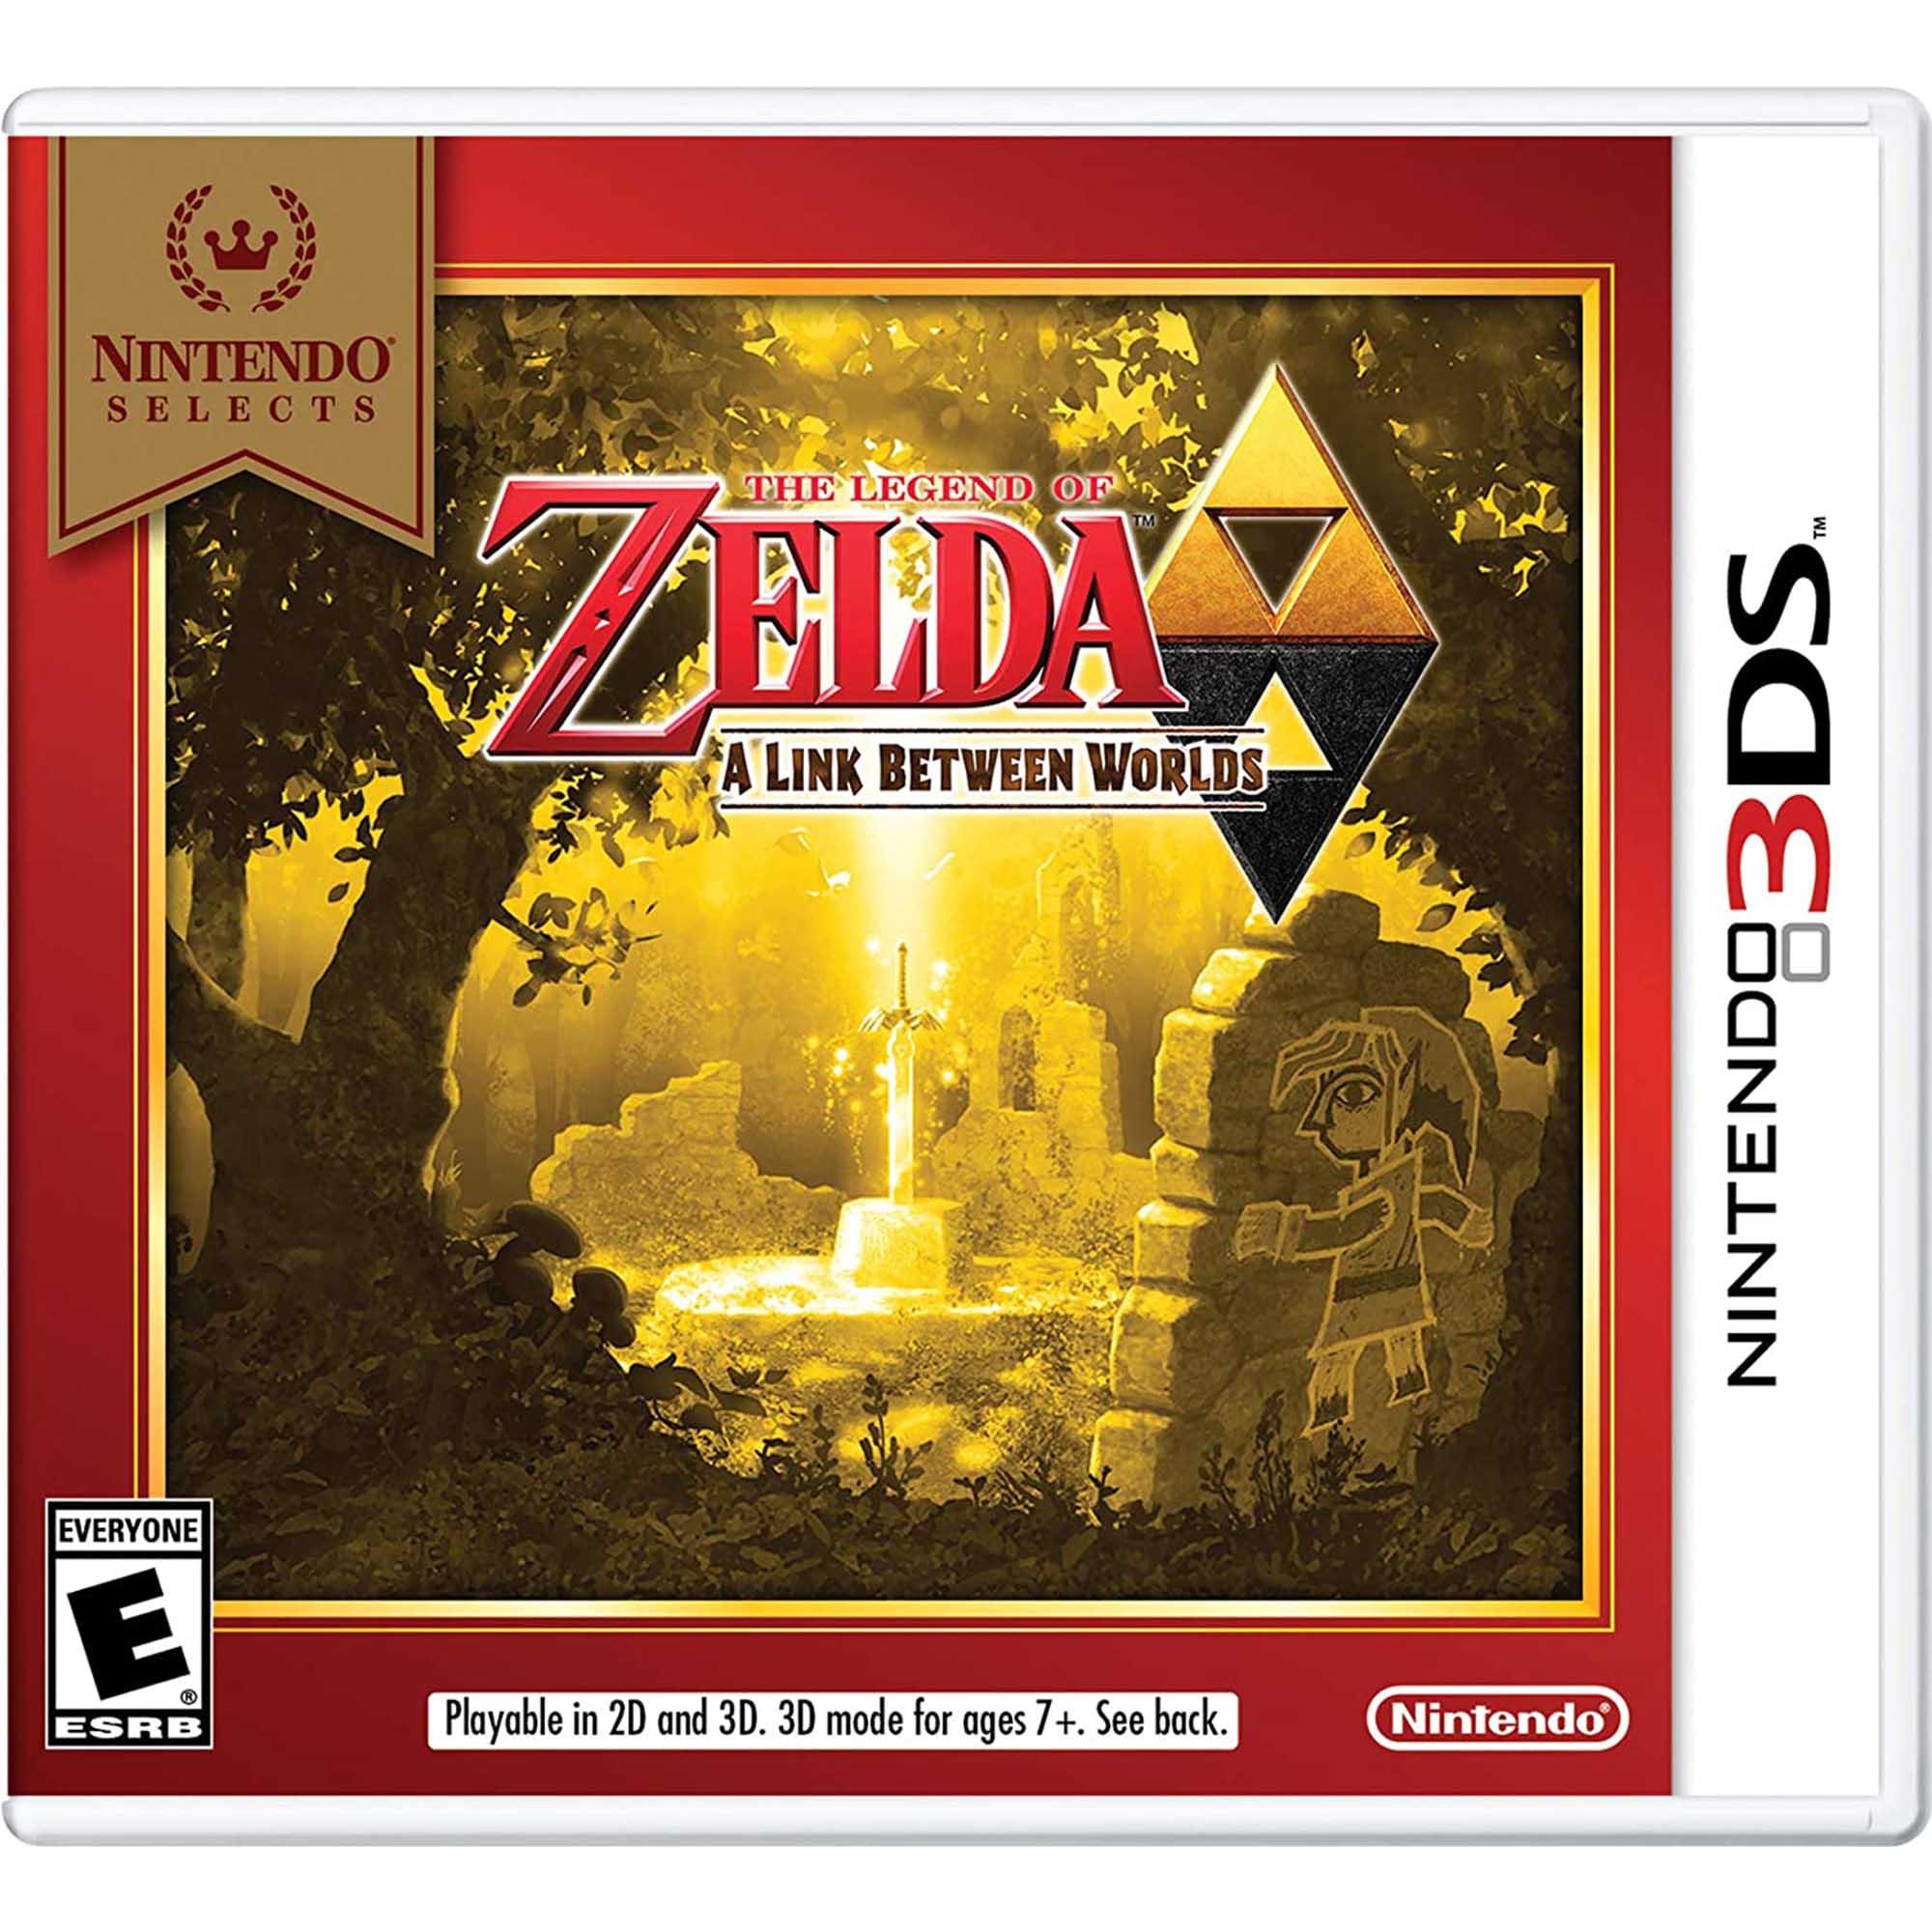 THE LEGEND OF ZELDA A LINK BETWEEN WORLDS - 3DS